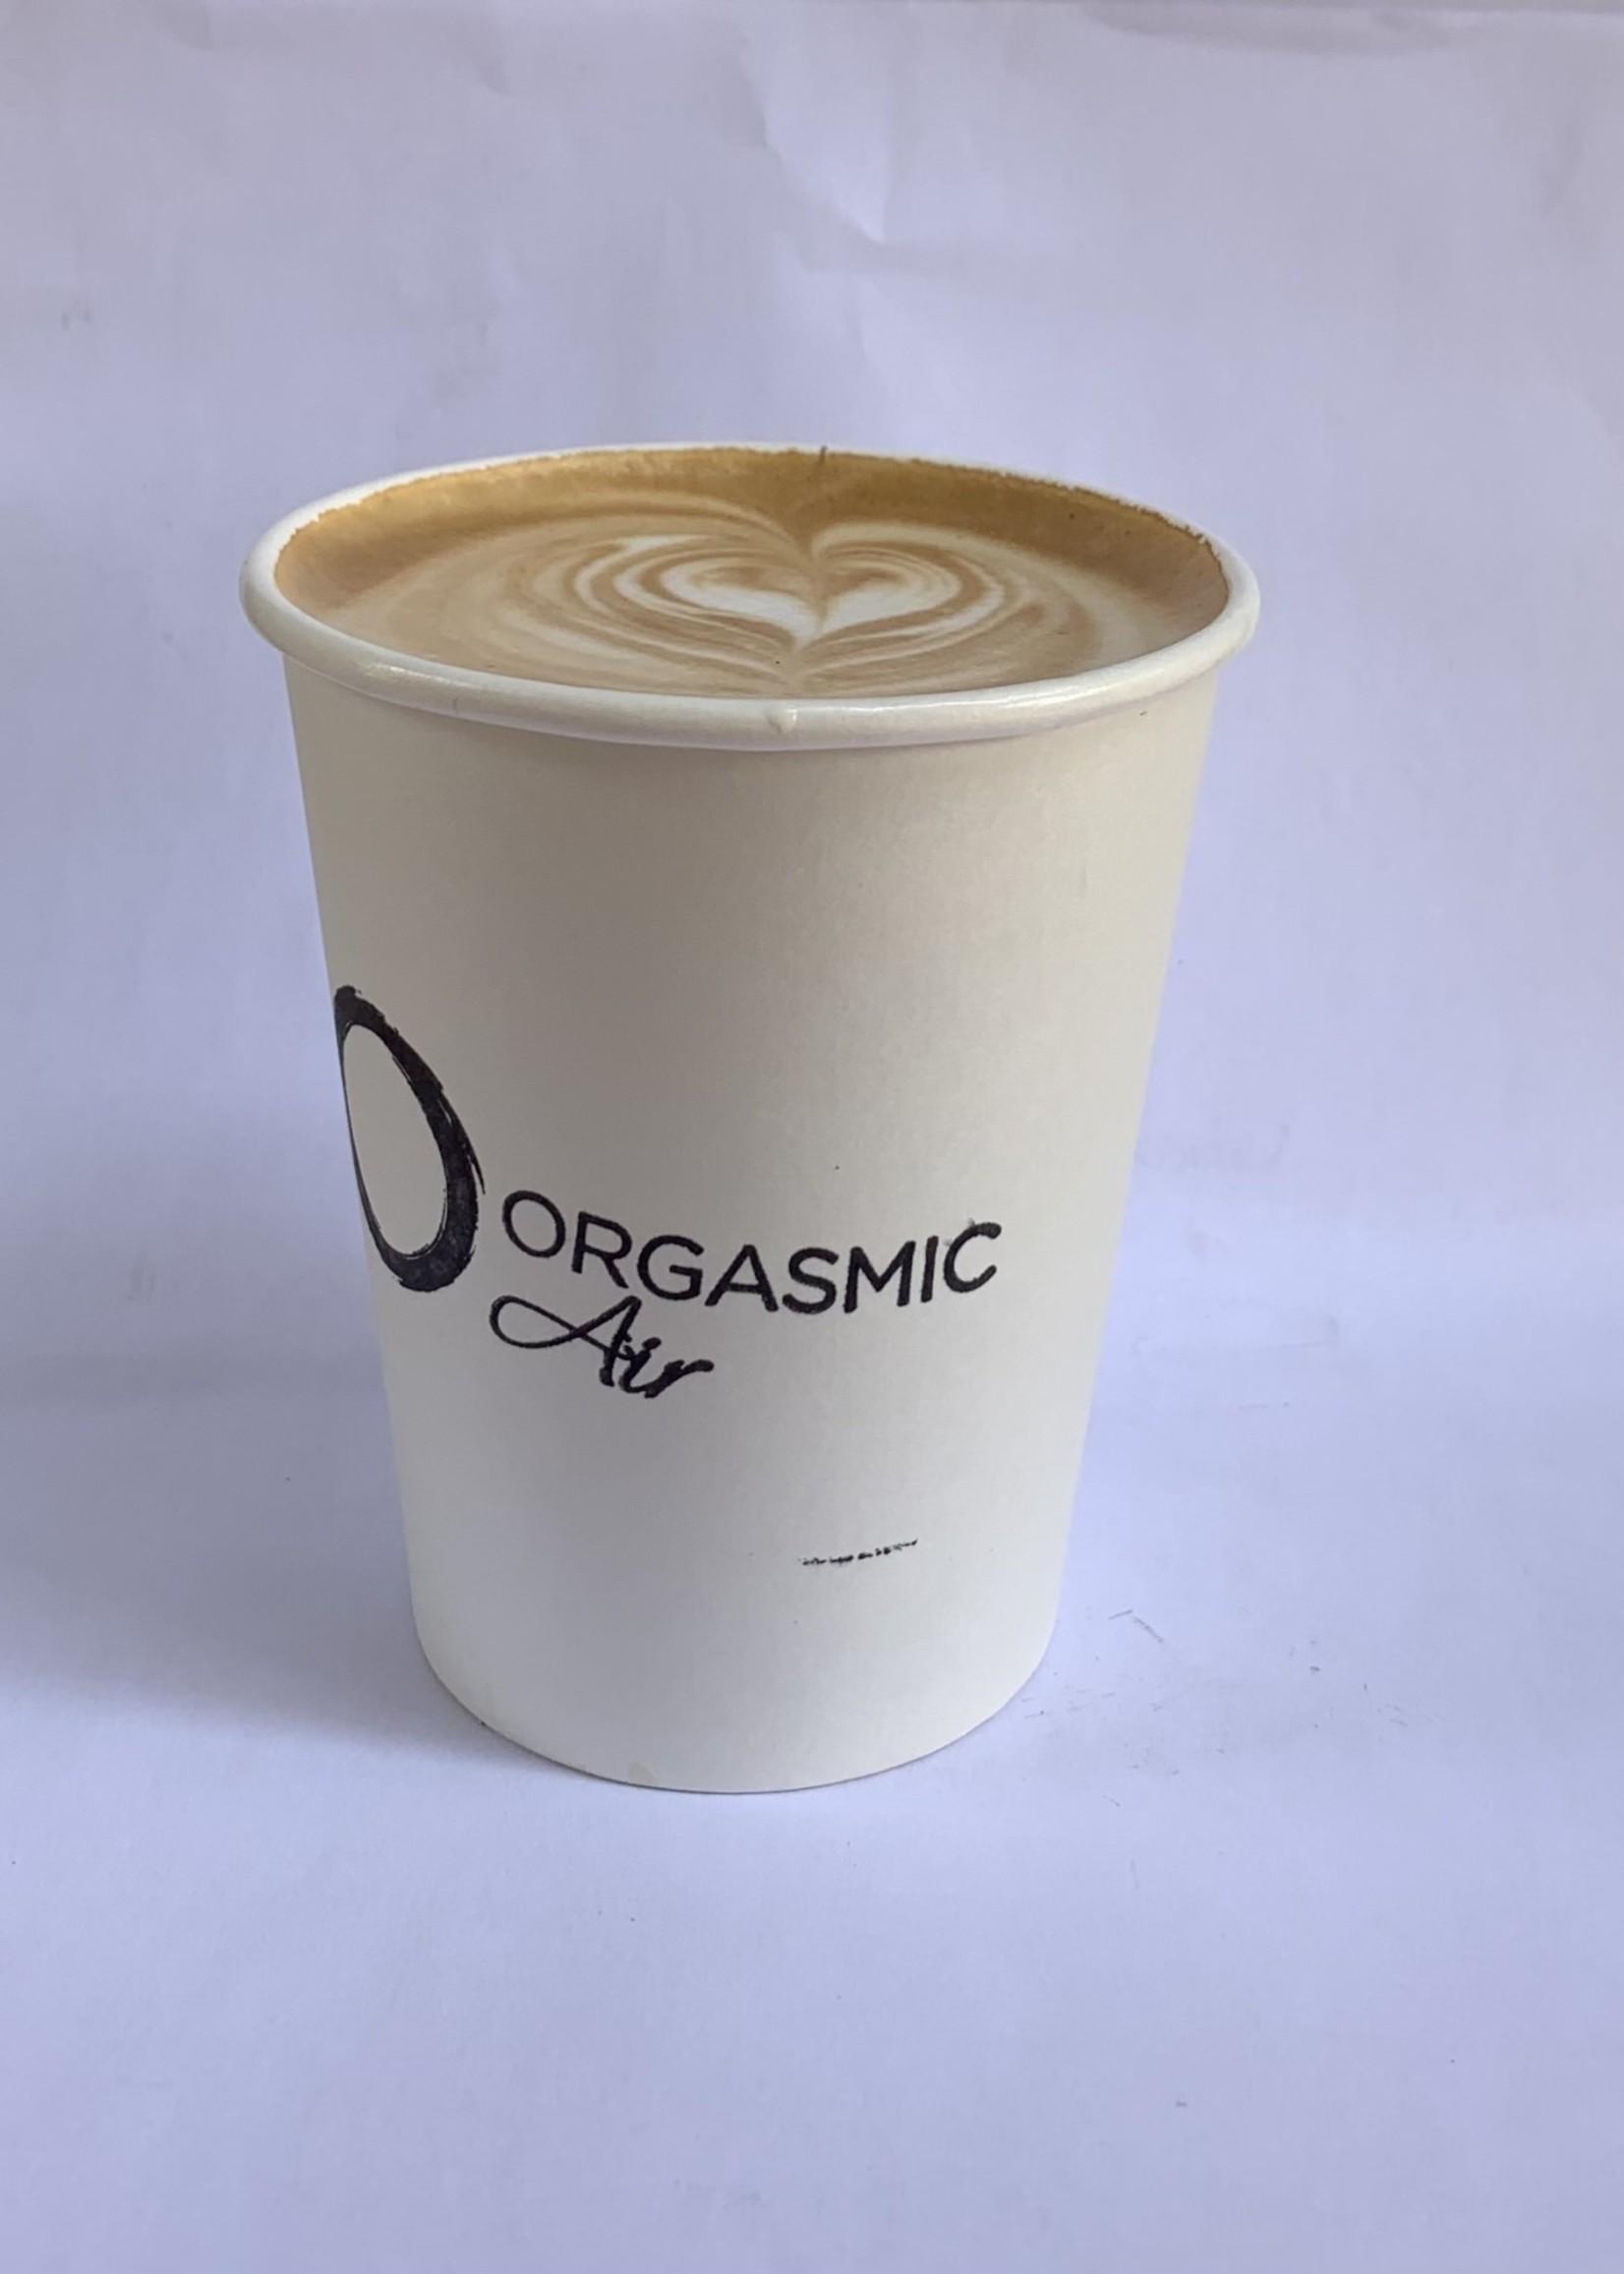 Organic & Air Latte